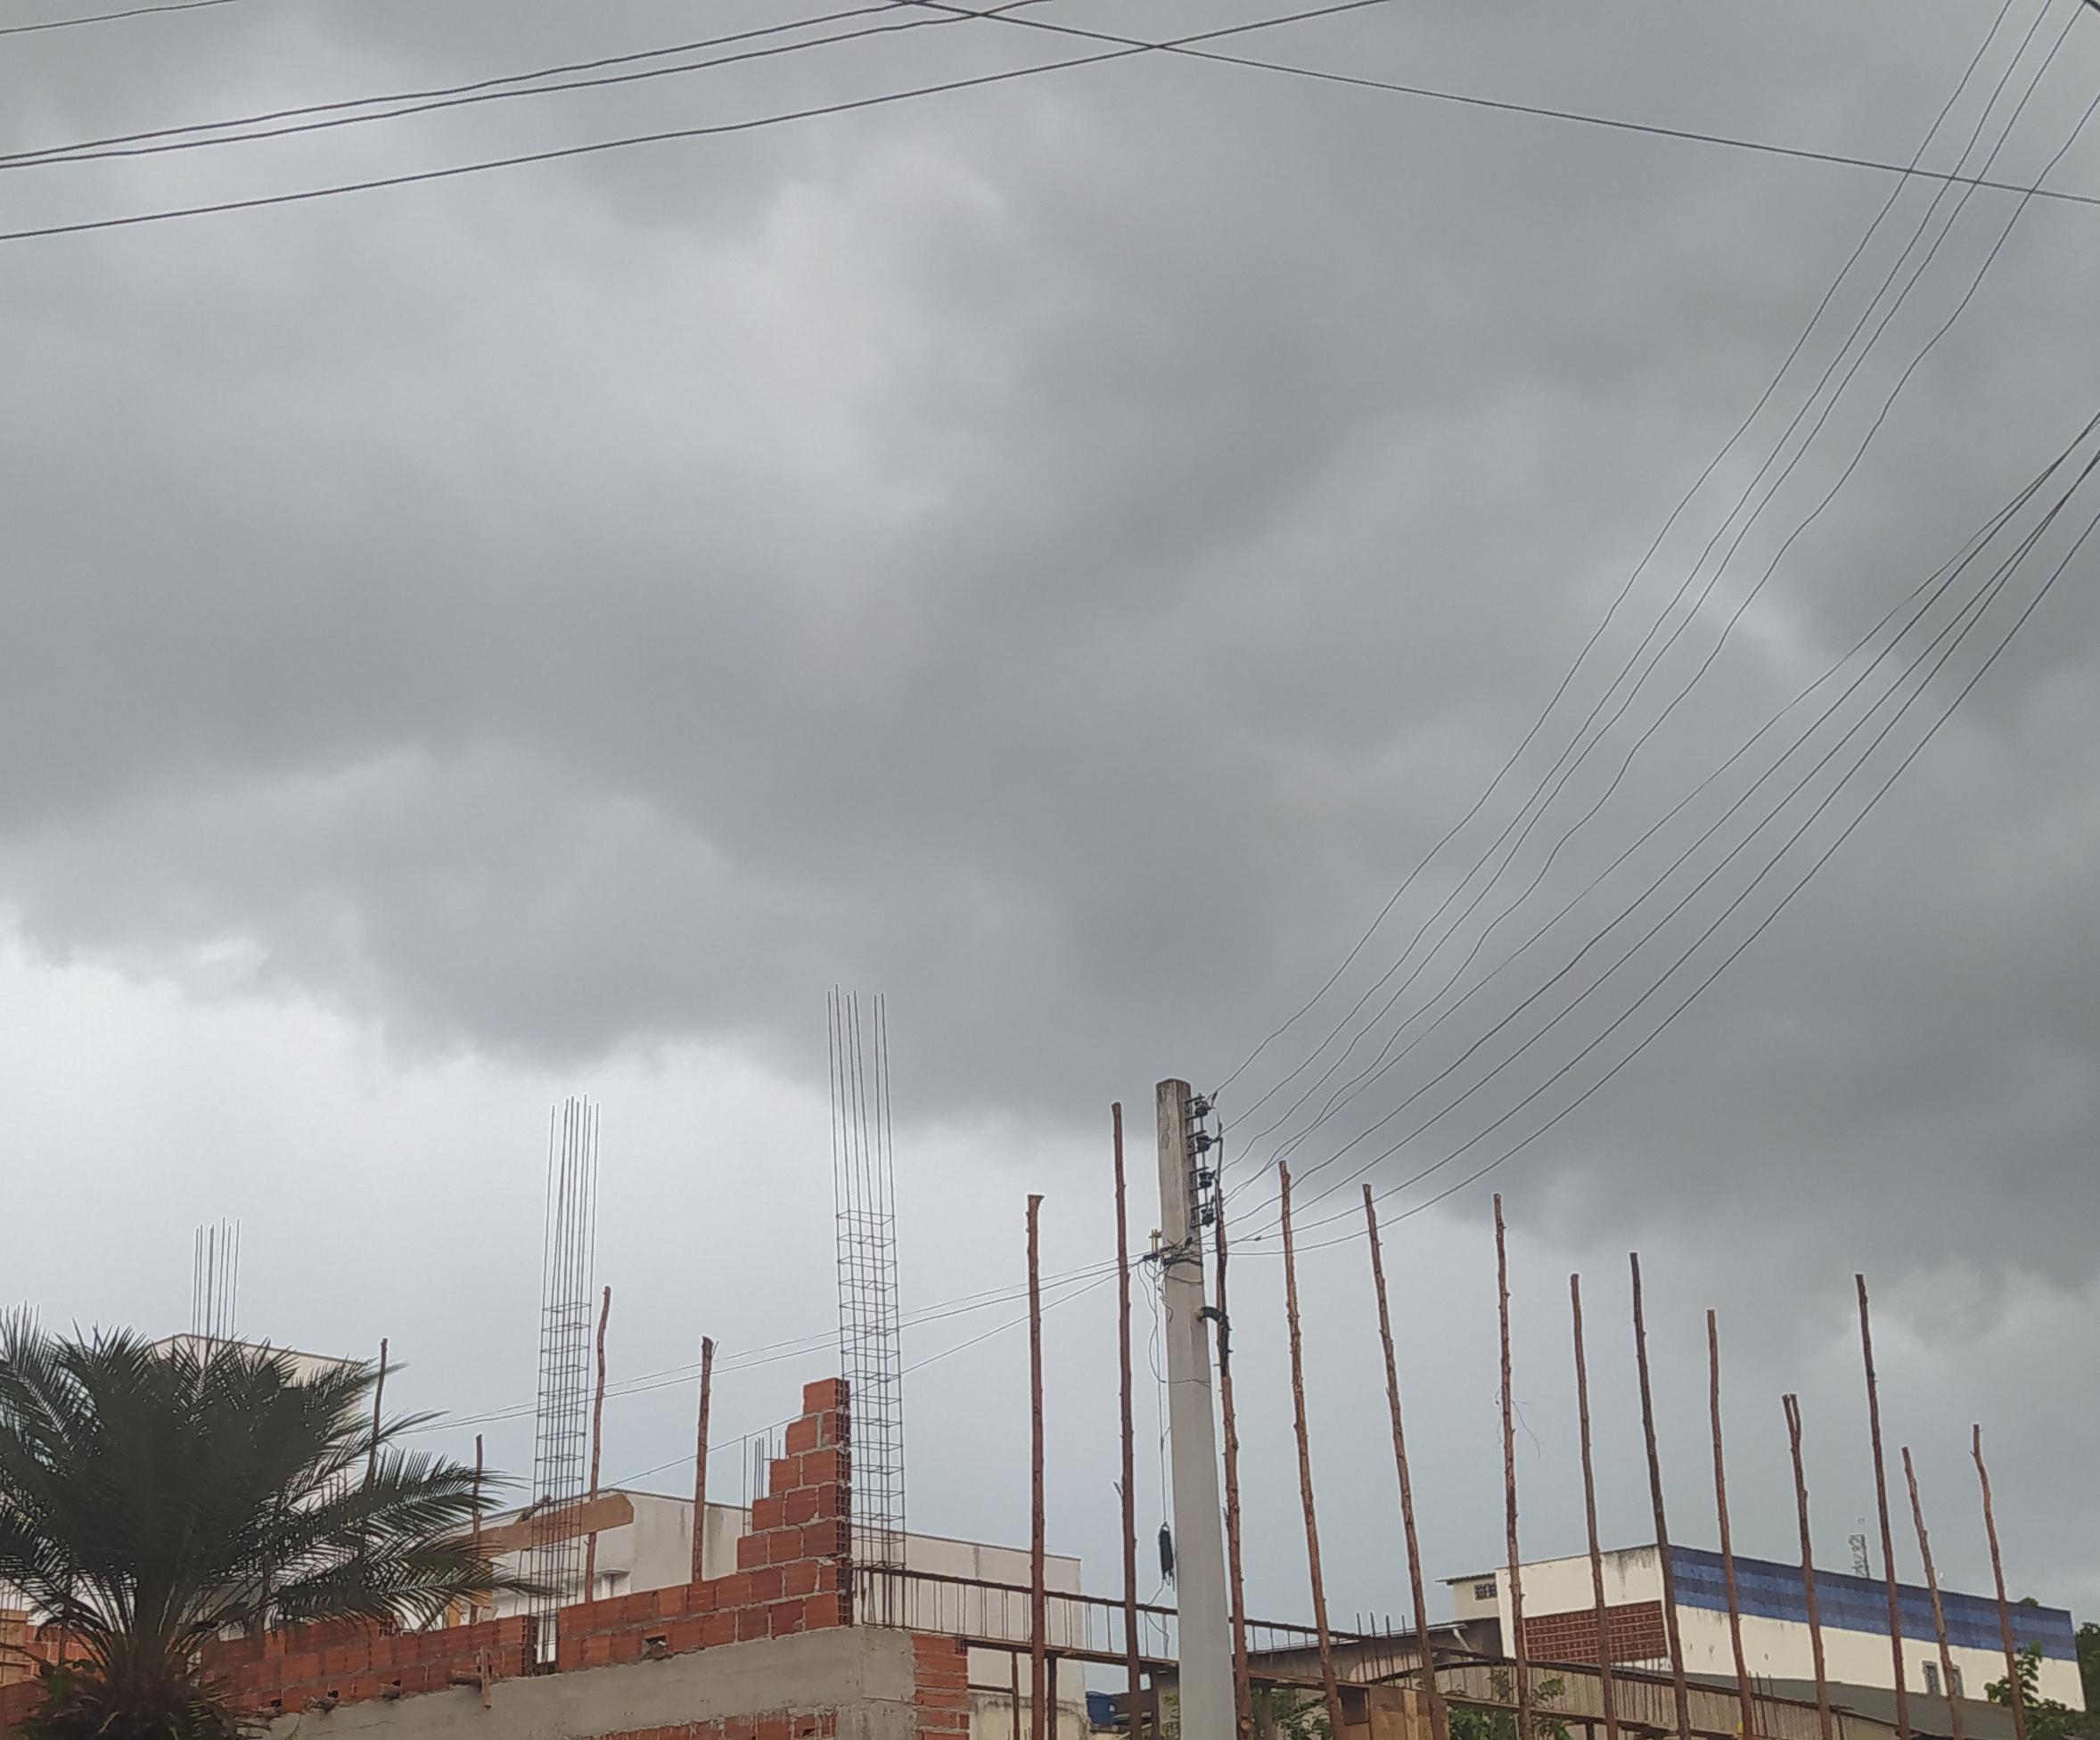 Alerta de granizo e tempestade para todo o ES; chuva deve continuar até o final do mês